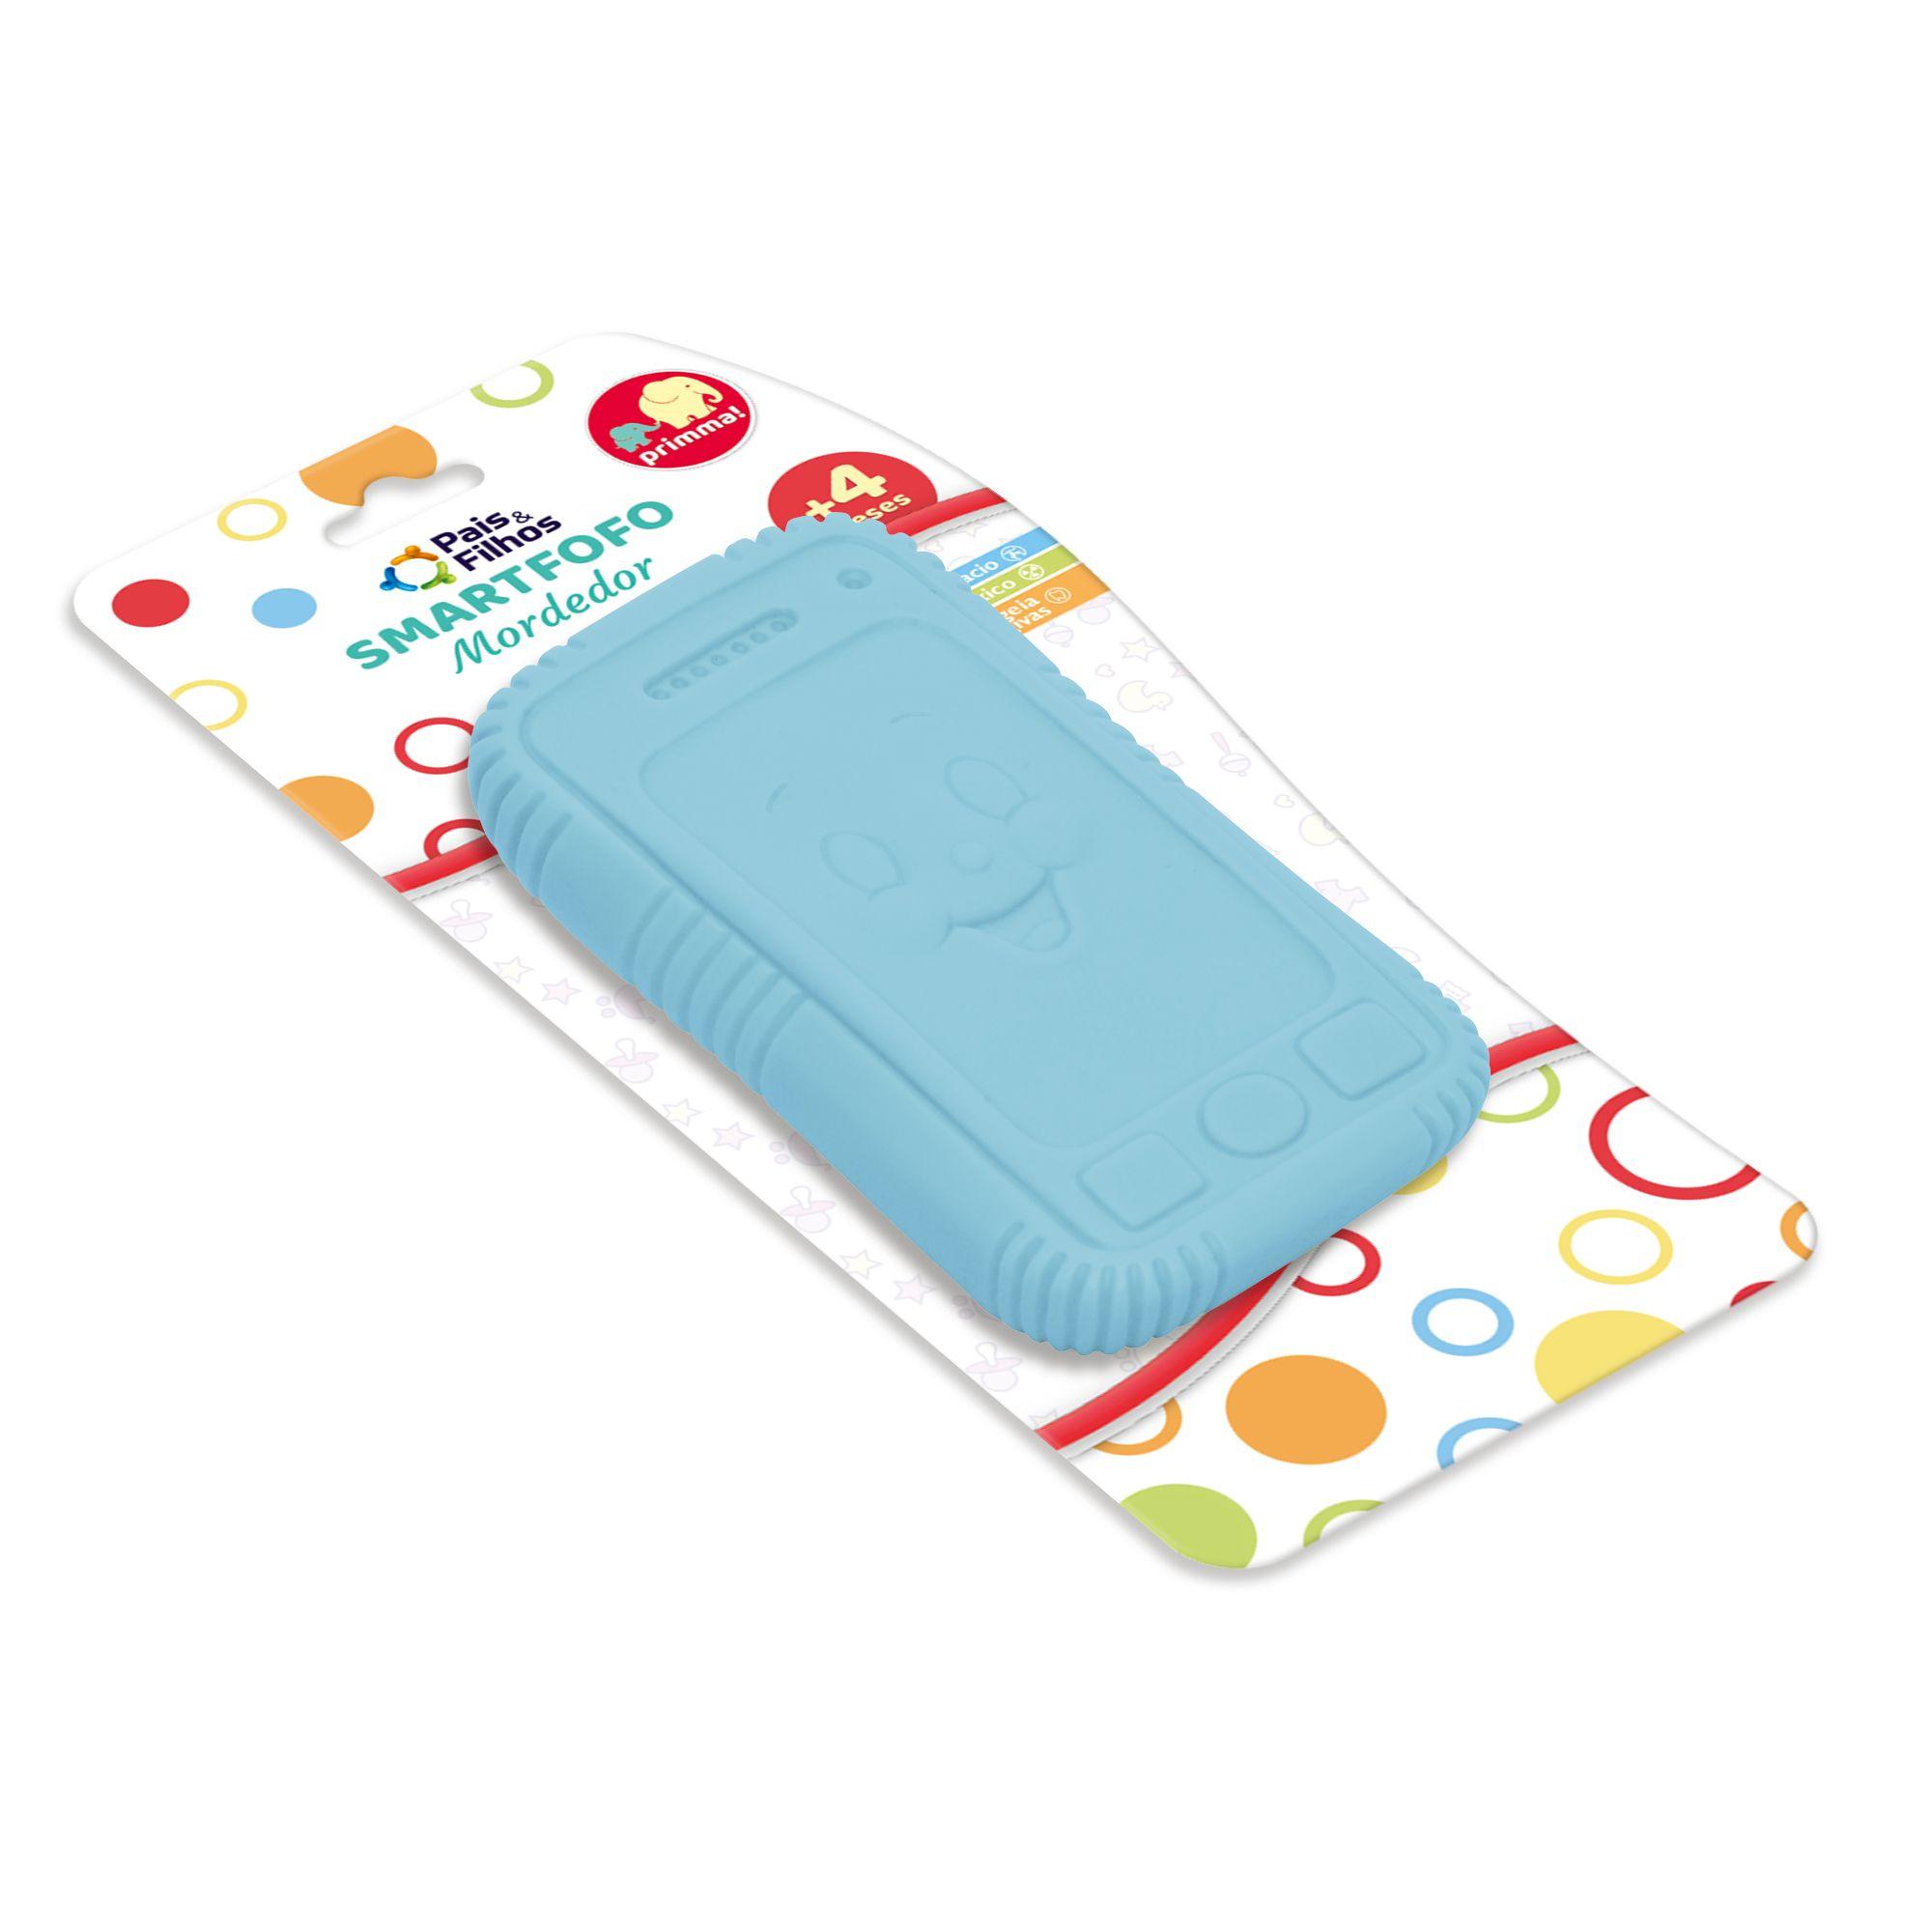 SmartFofo-790009